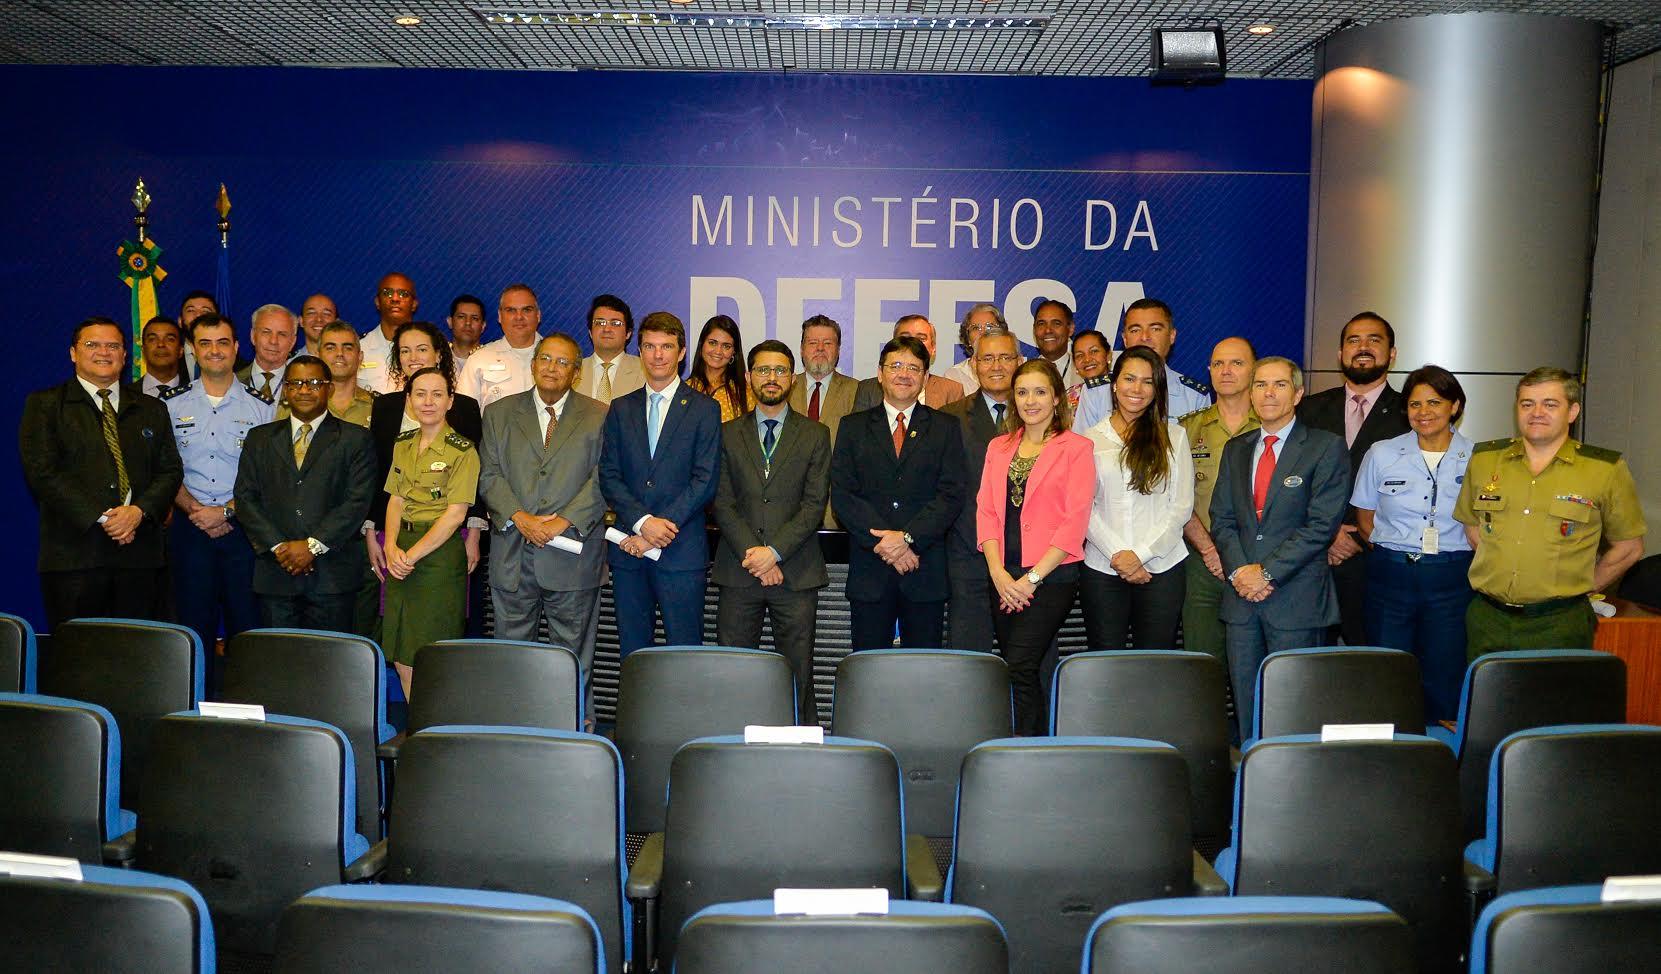 ESG Brasília realiza cerimônia de diplomação do II Ciclo de Estudos e Análise de Crises Internacionais